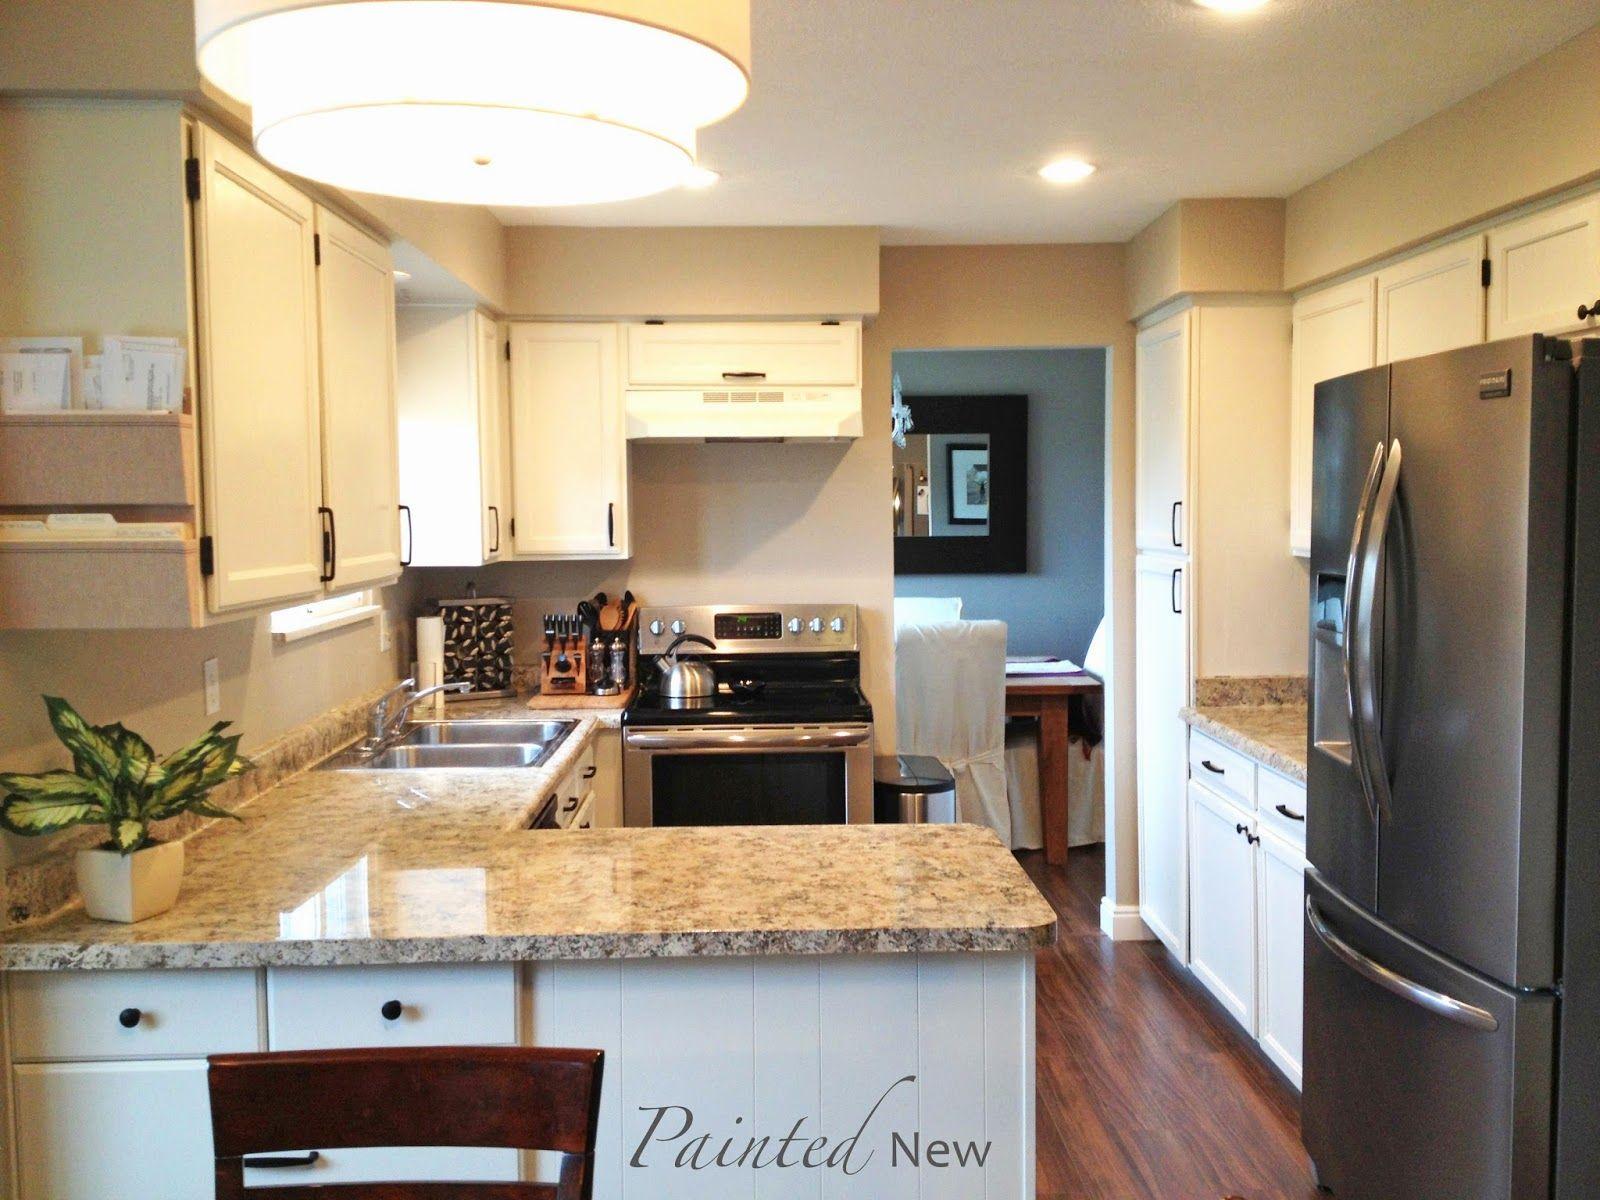 120 Kitchen Cabinet Makeover White Duck By Sherwin Williams Kitchen Diy Makeover Kitchen Cabinets Makeover Diy Kitchen